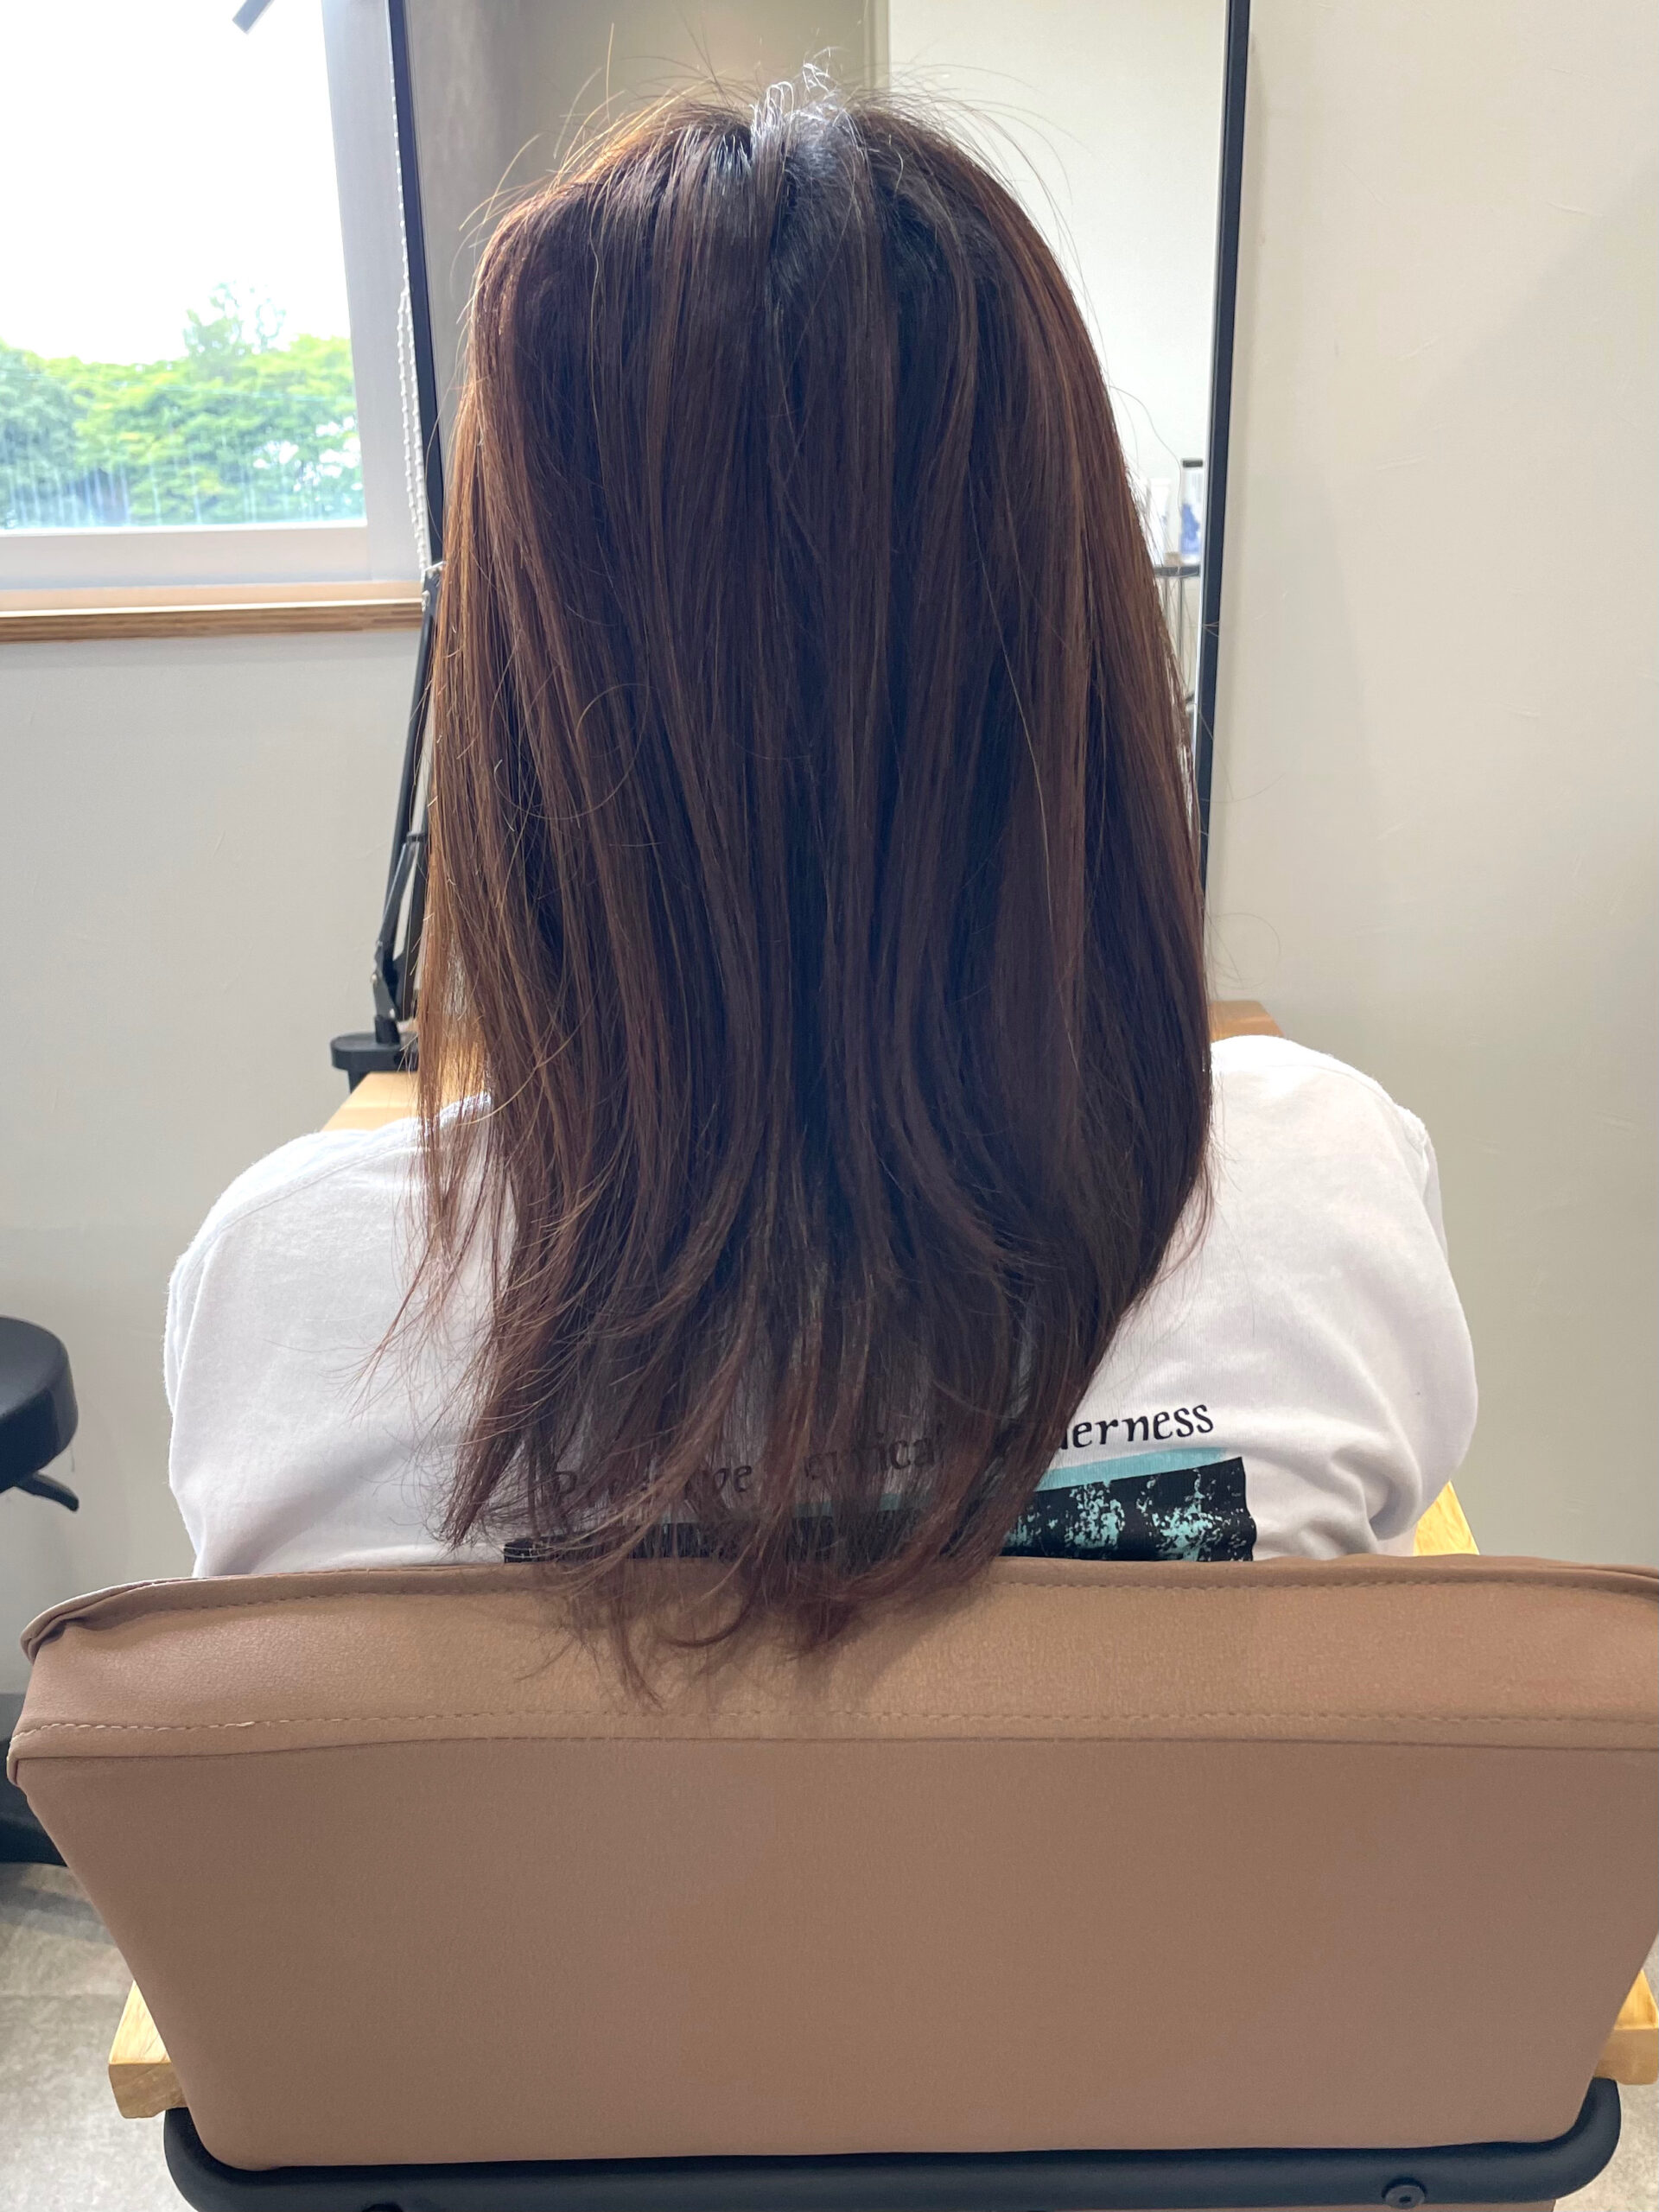 大分県別府市 明るく抜けやすい髪質の方にオススメのヘアカラー『暗めアッシュグレージュ』 ビフォー